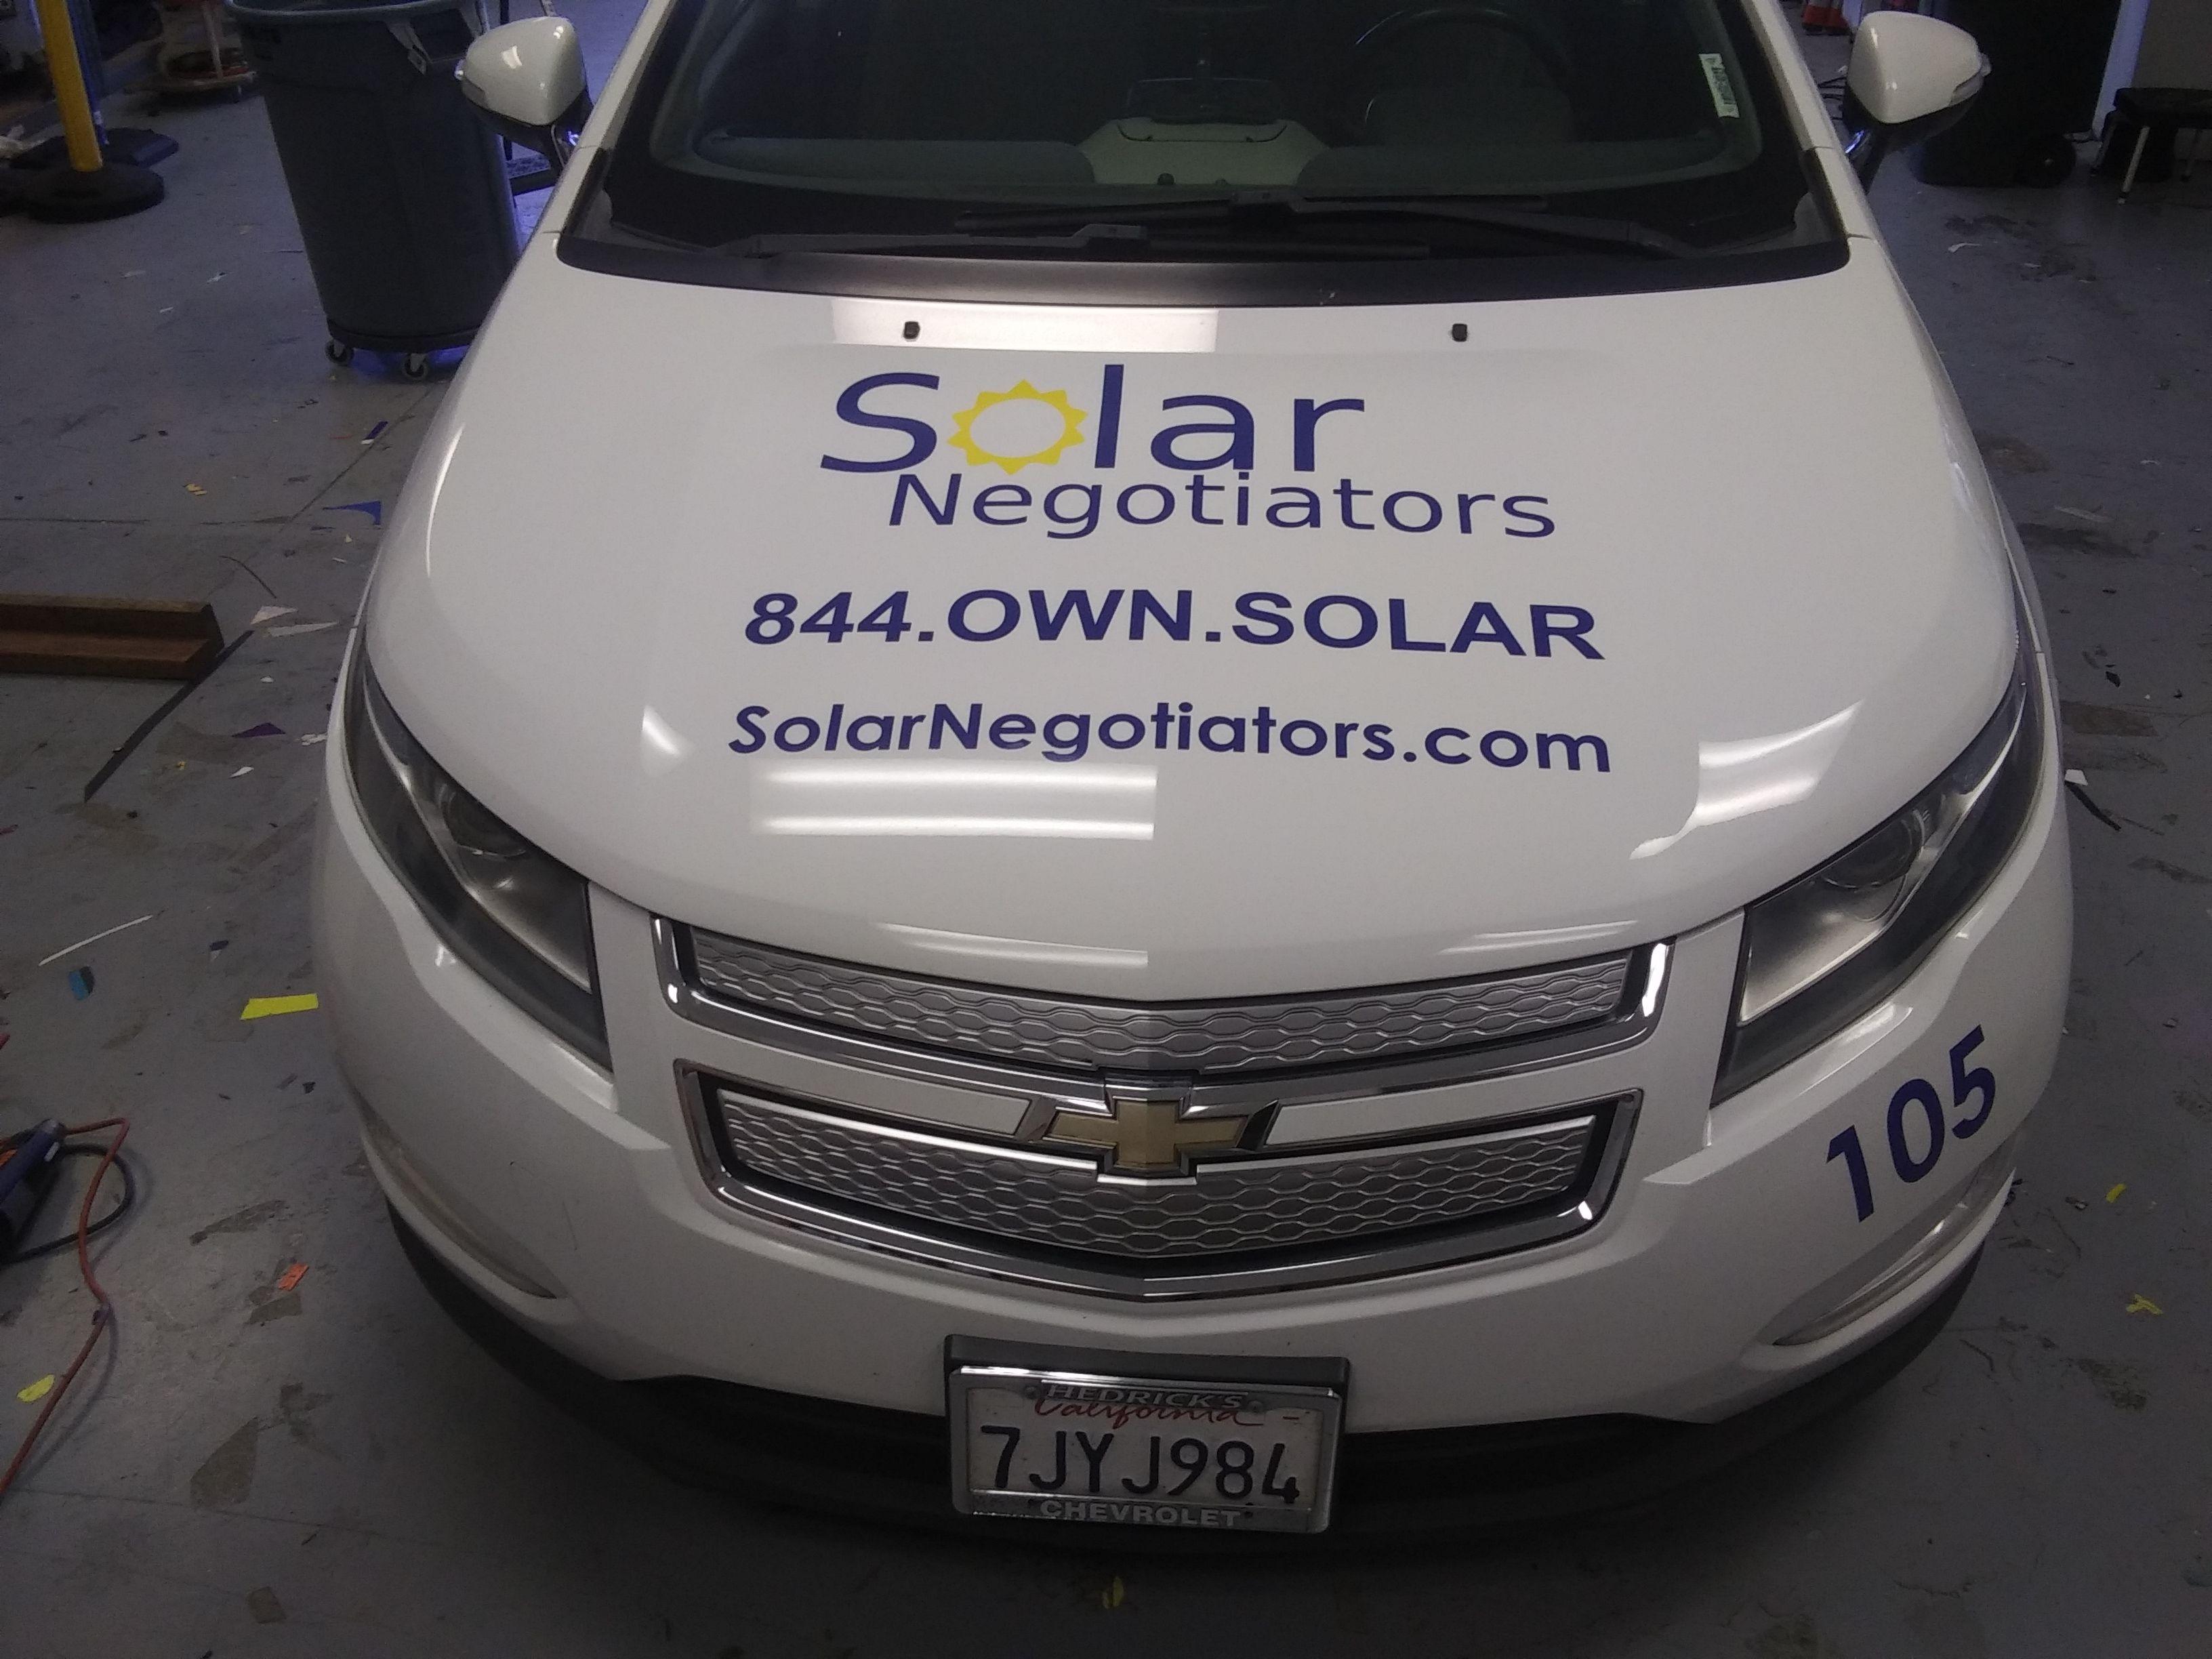 Solar Negotiators Hood